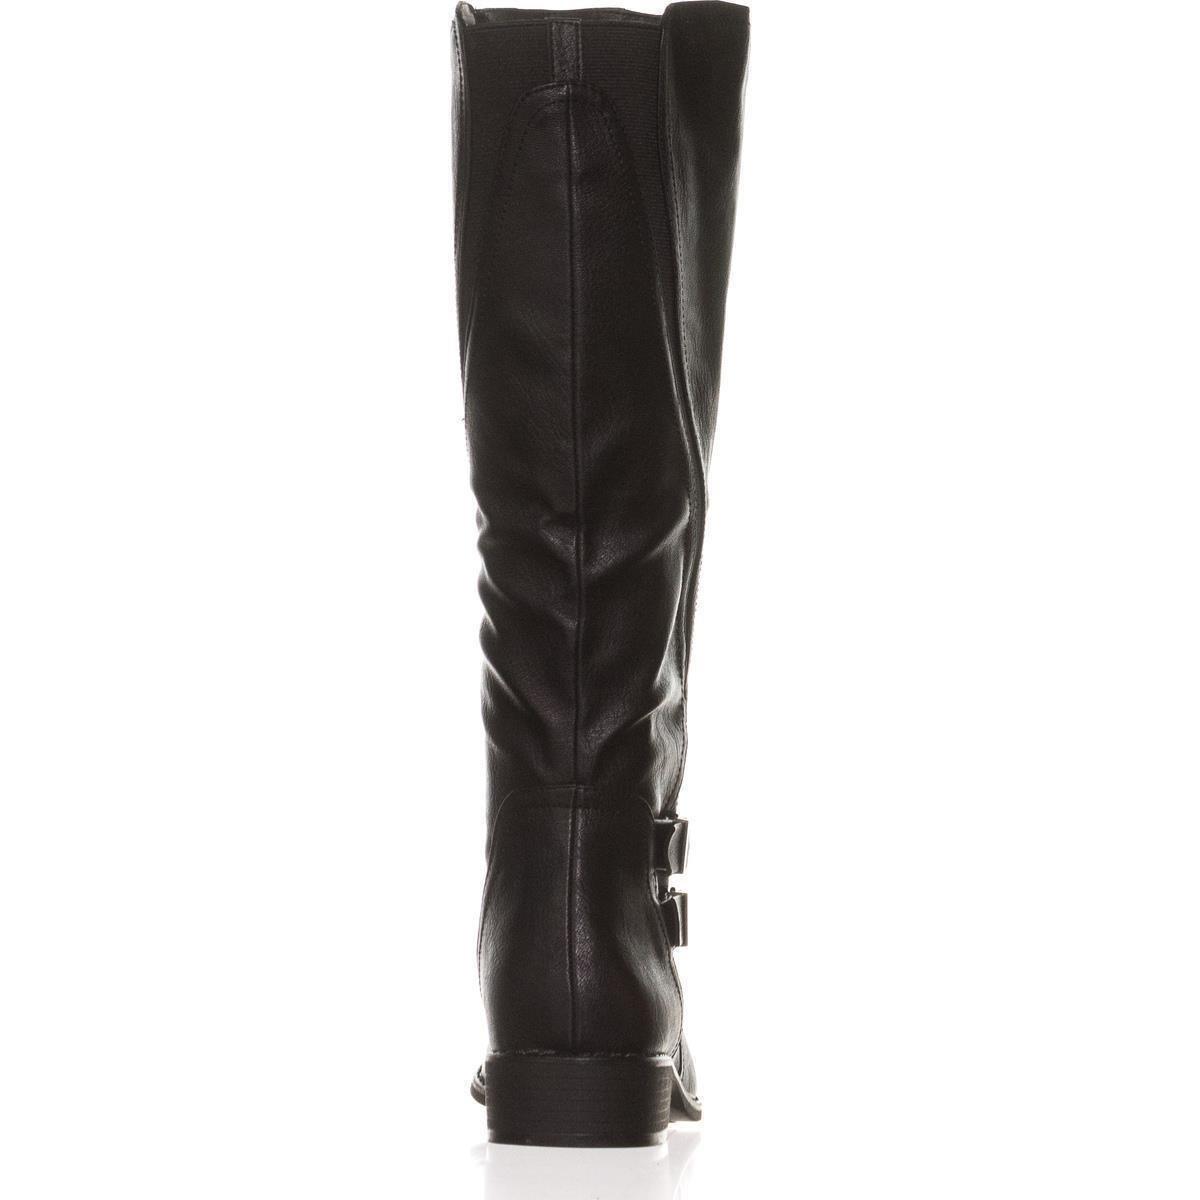 Style & Co. Co. Co. Frauen Milah Geschlossener Zeh Fashion Stiefel 204621